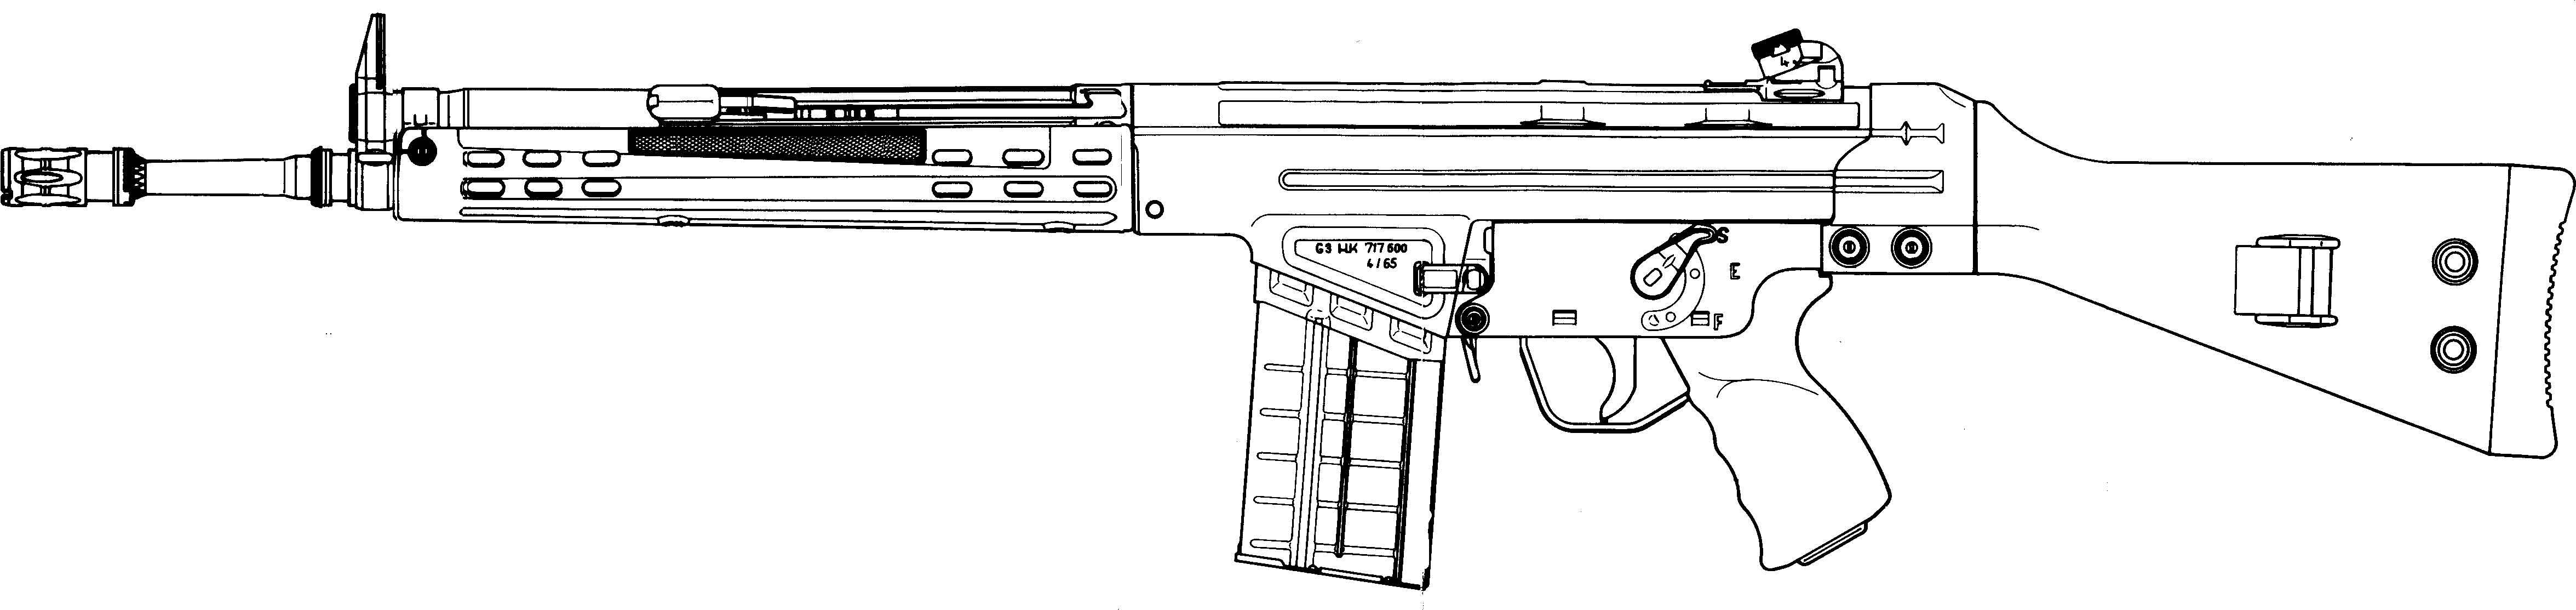 Heckler & Koch G3 blueprint